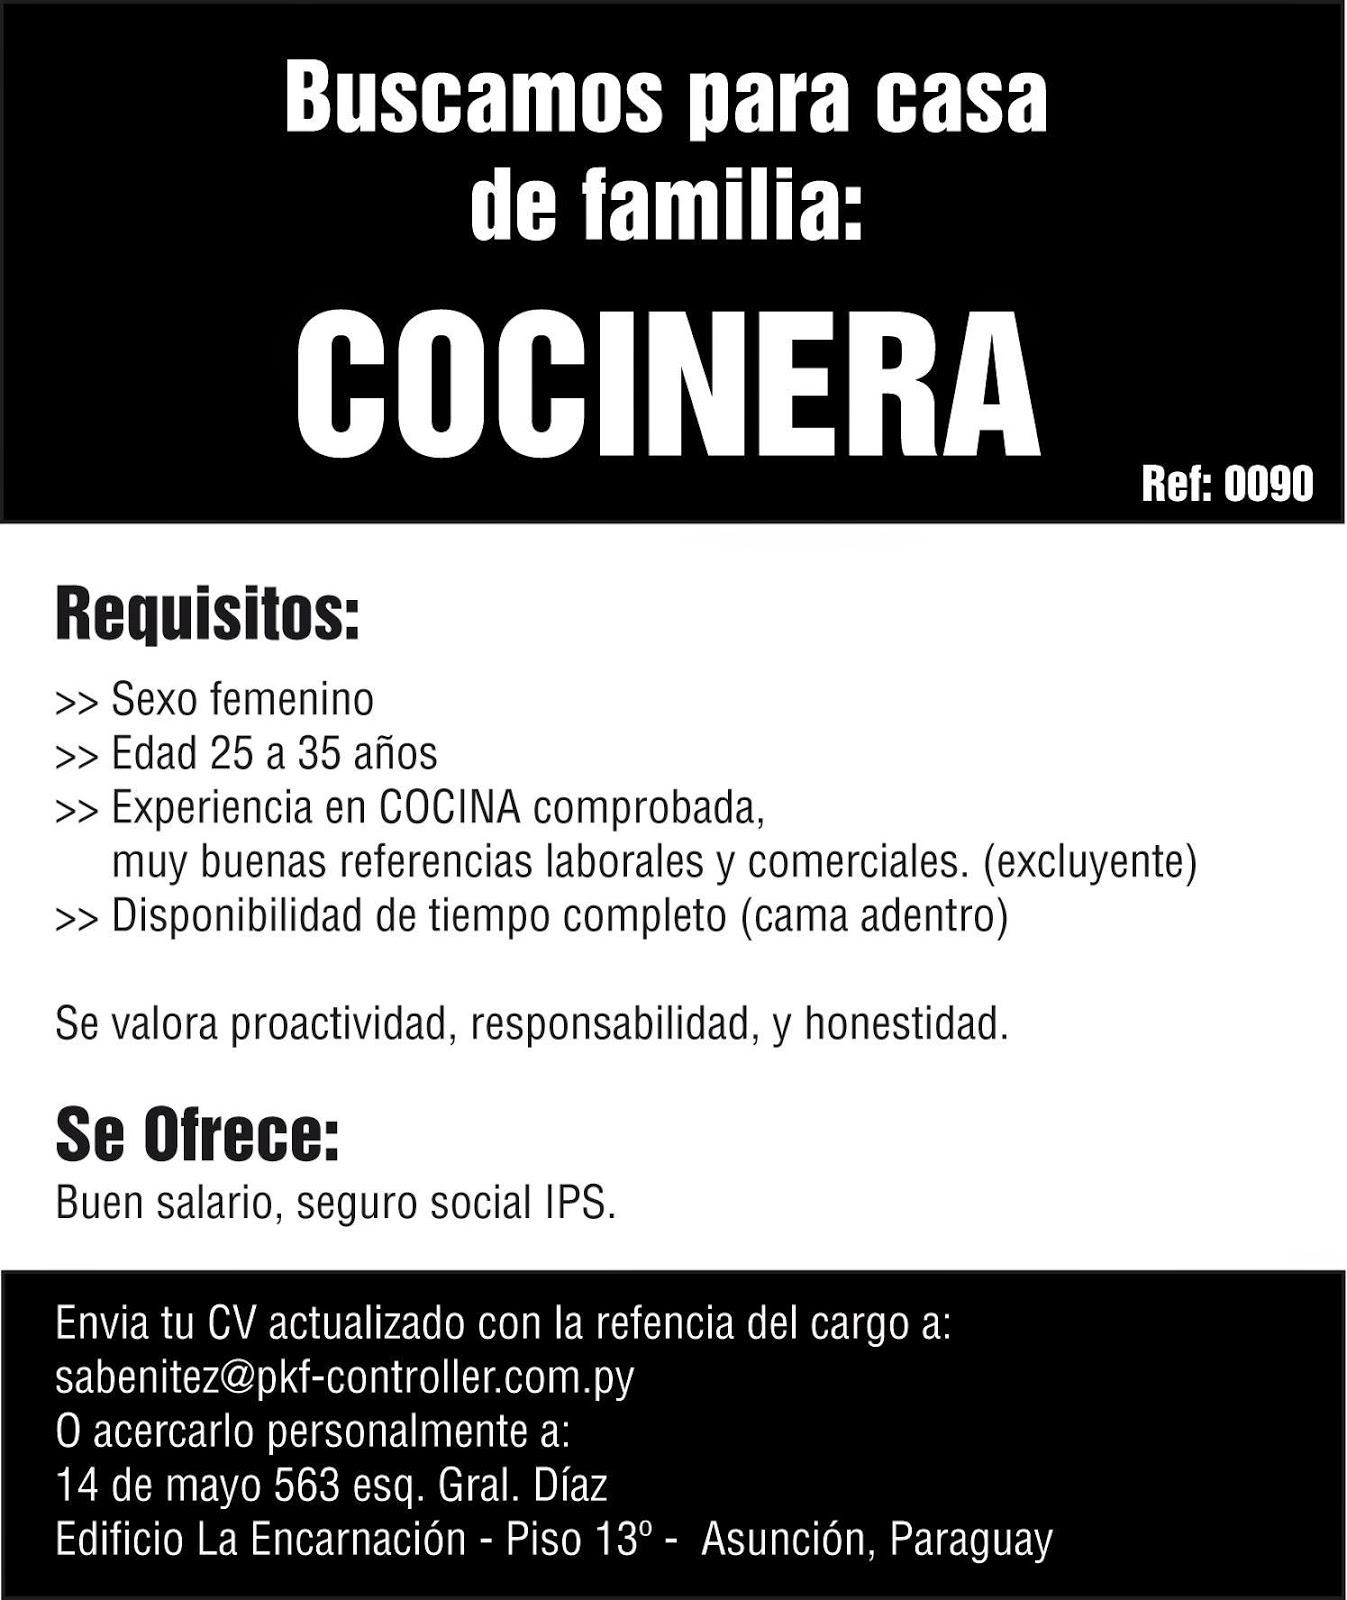 Bolsa de trabajo paraguay empleos trabajo for Busco trabajo ayudante de cocina